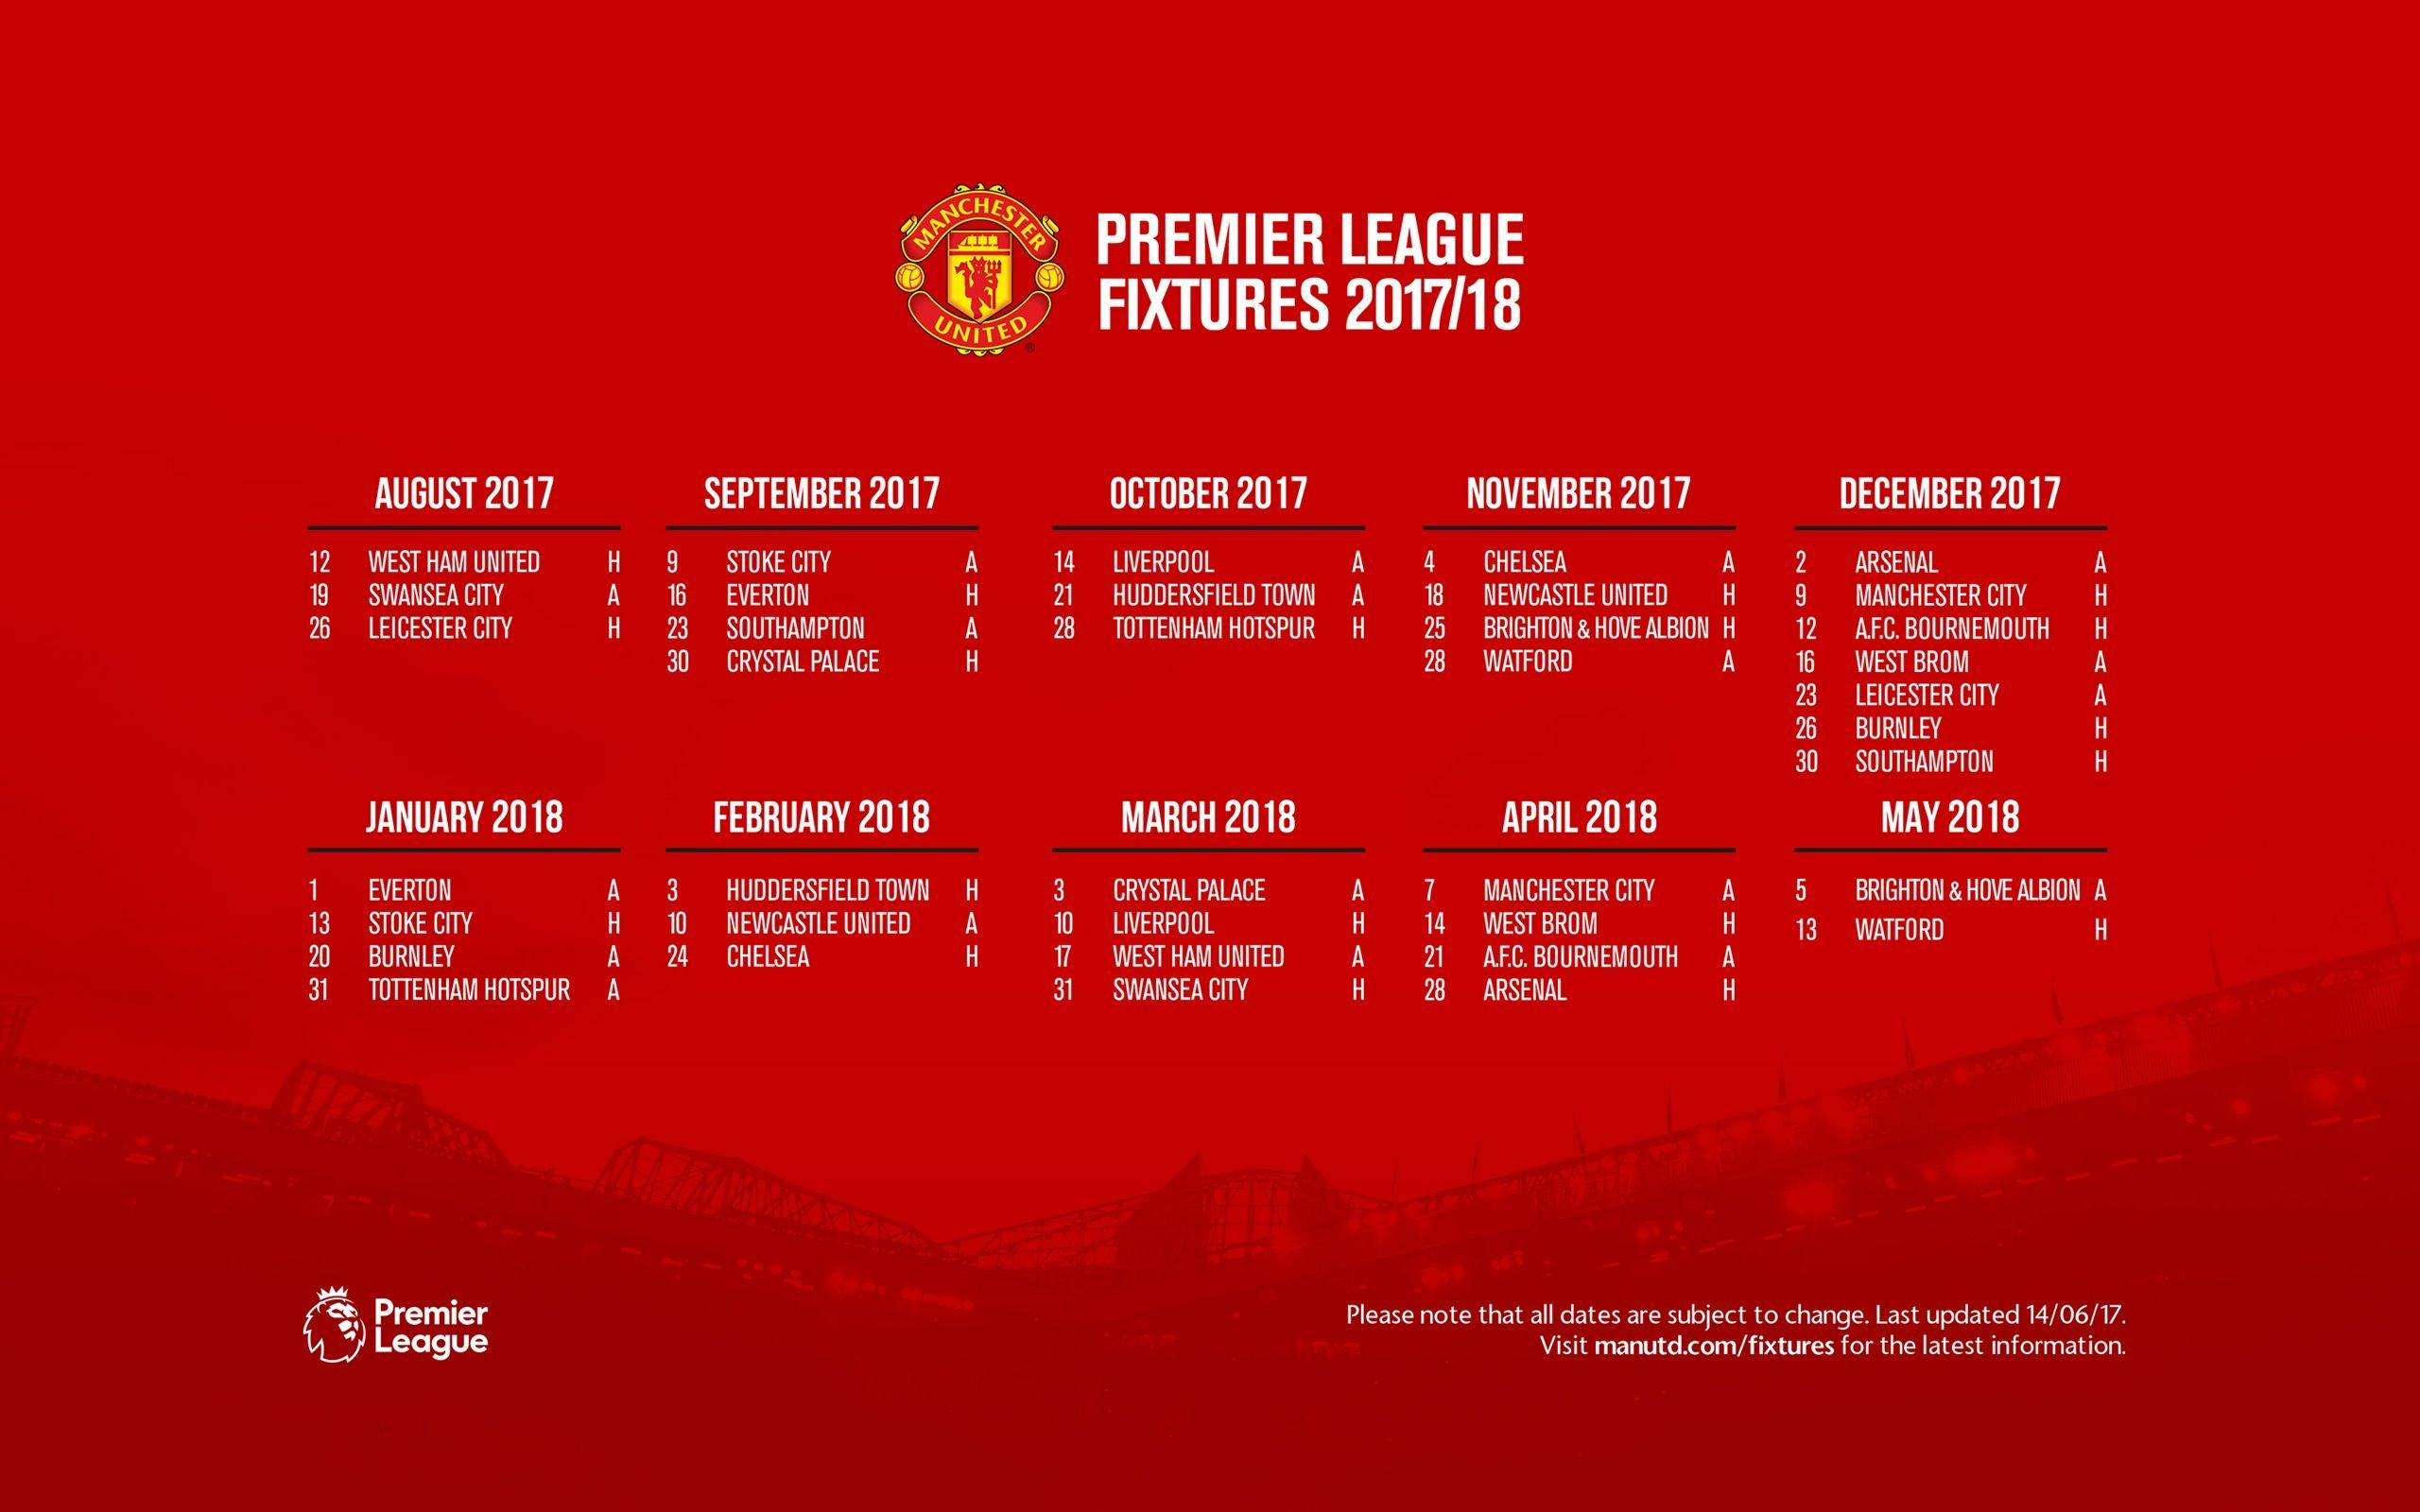 Man united fixtures premier league /19